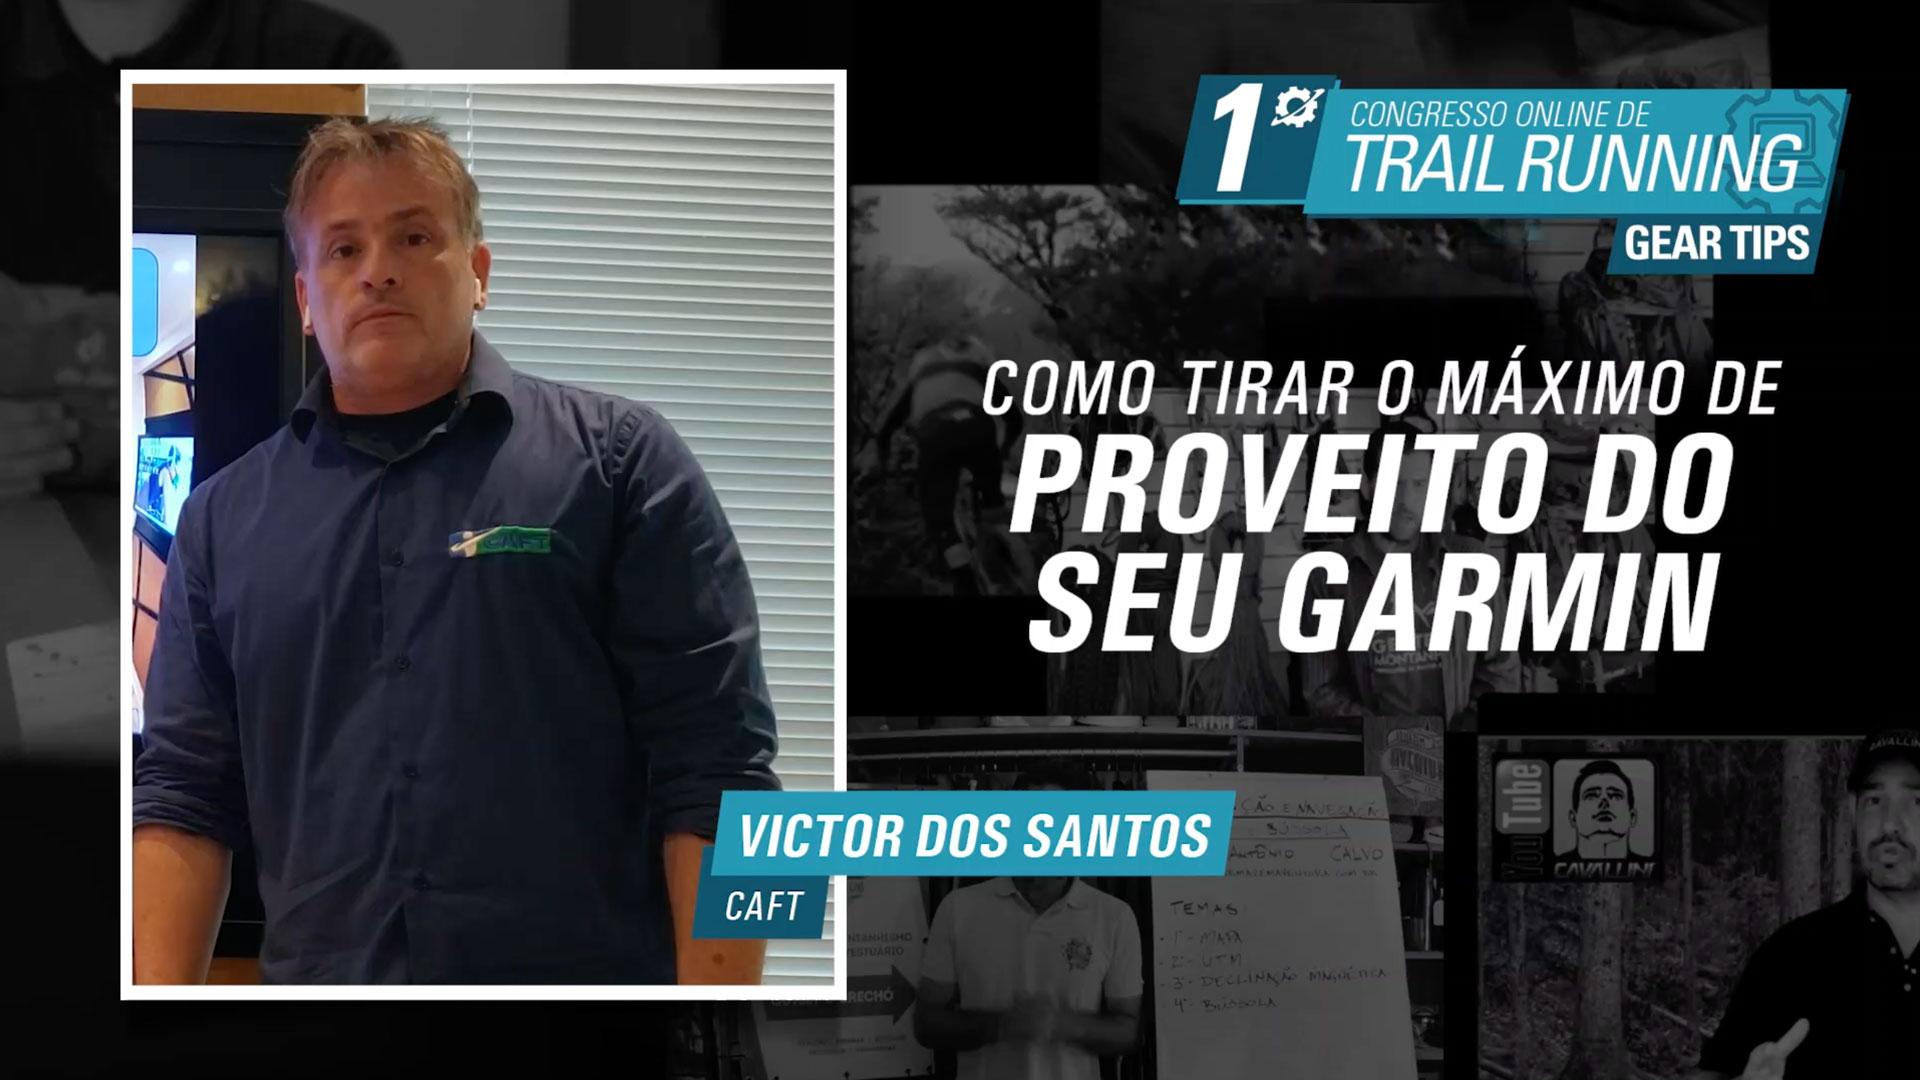 Como tirar o máximo proveito do seu Garmin - Victor dos Santos